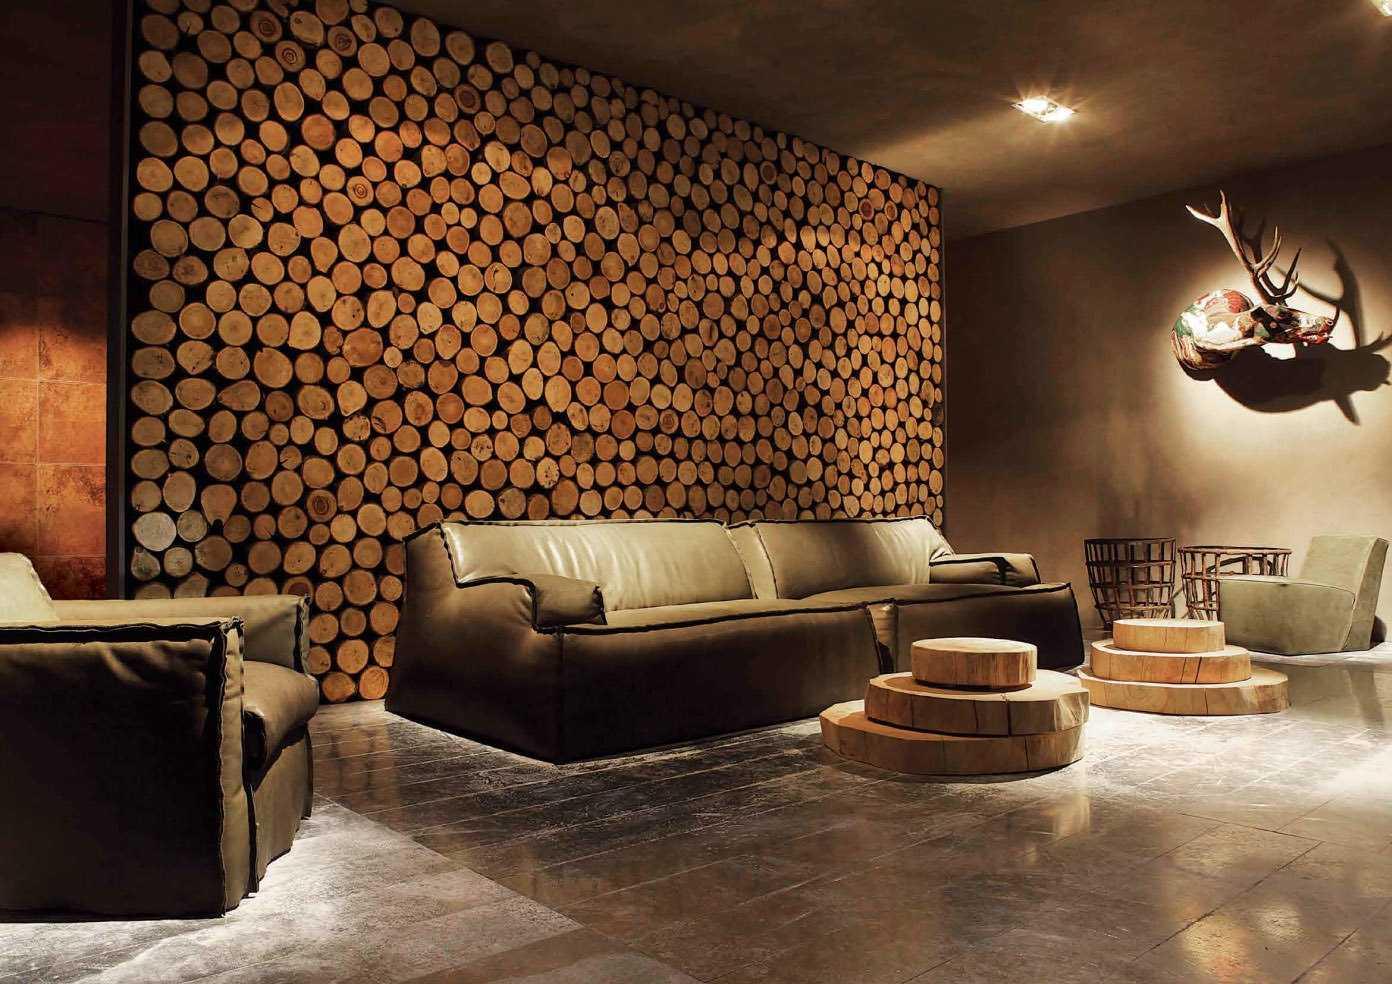 Новые идеи для декора стен: простые решения для красоты и уюта вашего дома